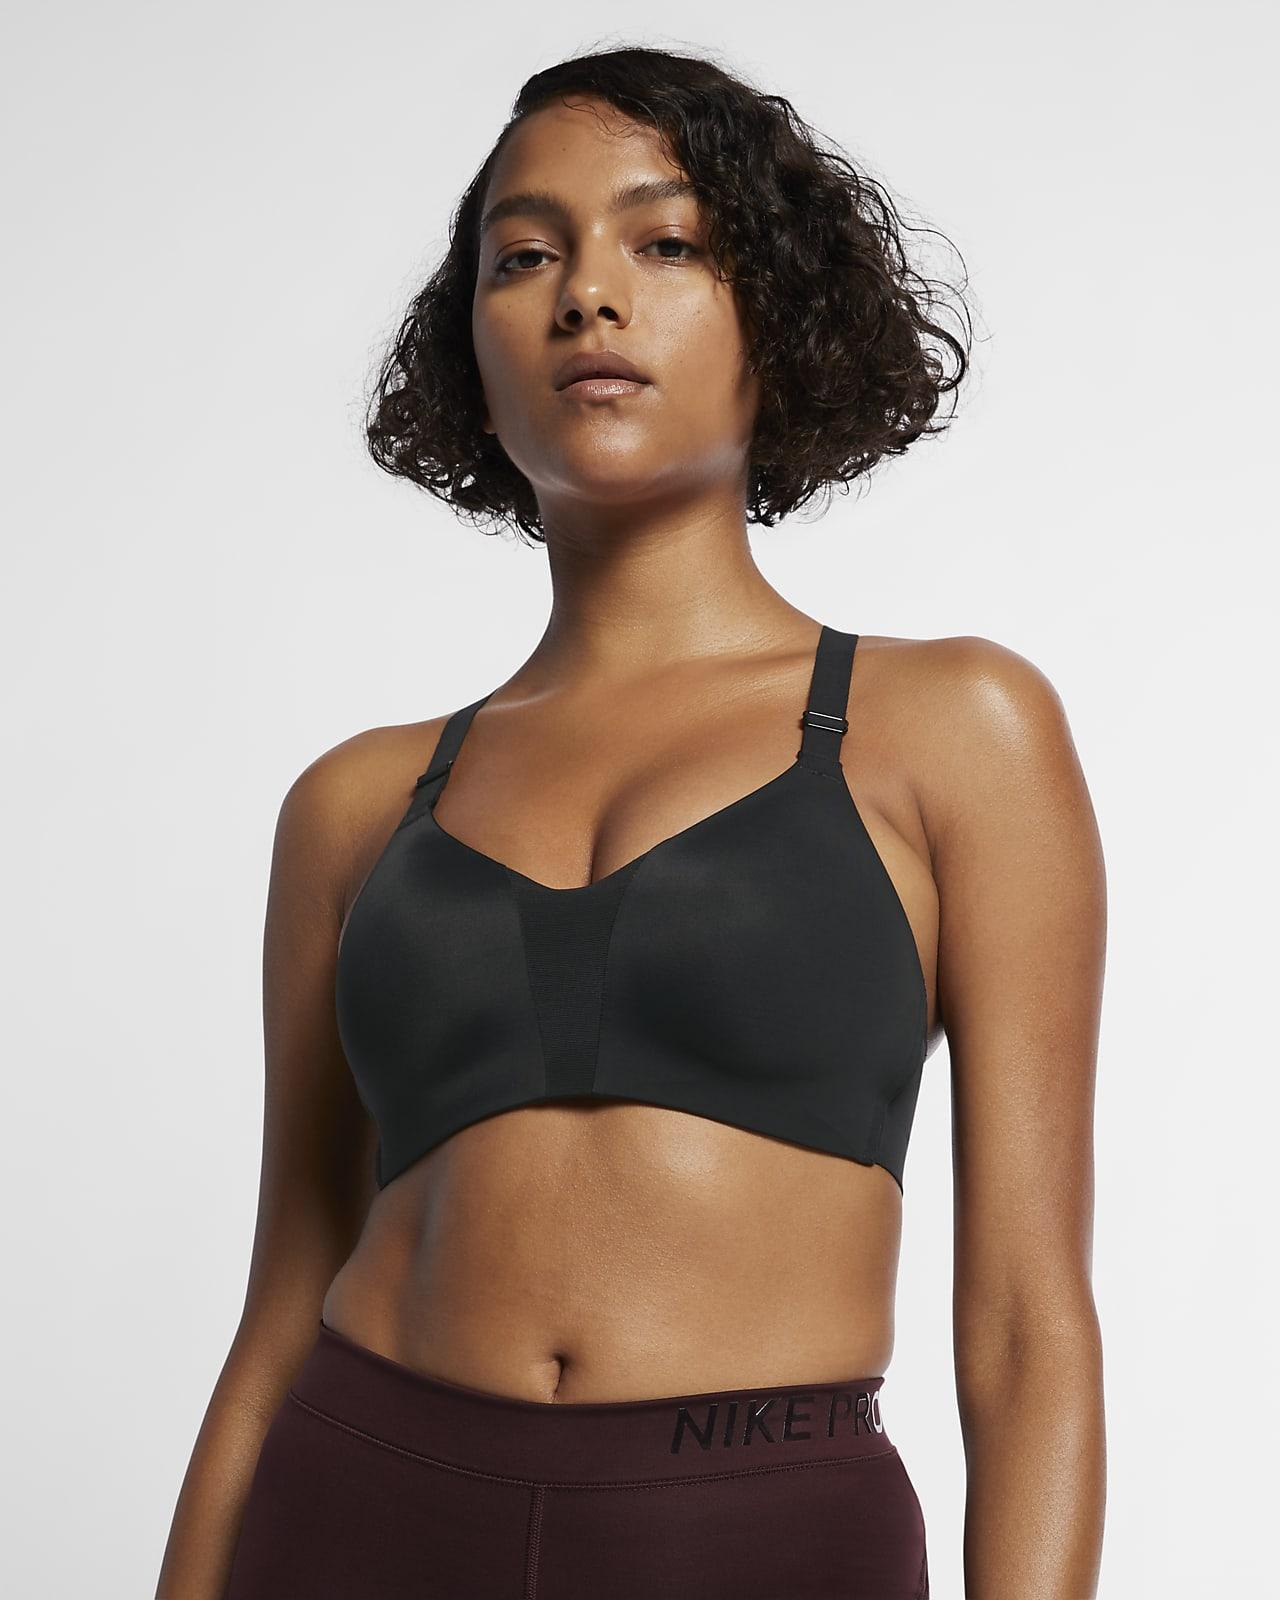 Nike Dri-FIT Rival polstret sports-BH med mye støtte til dame